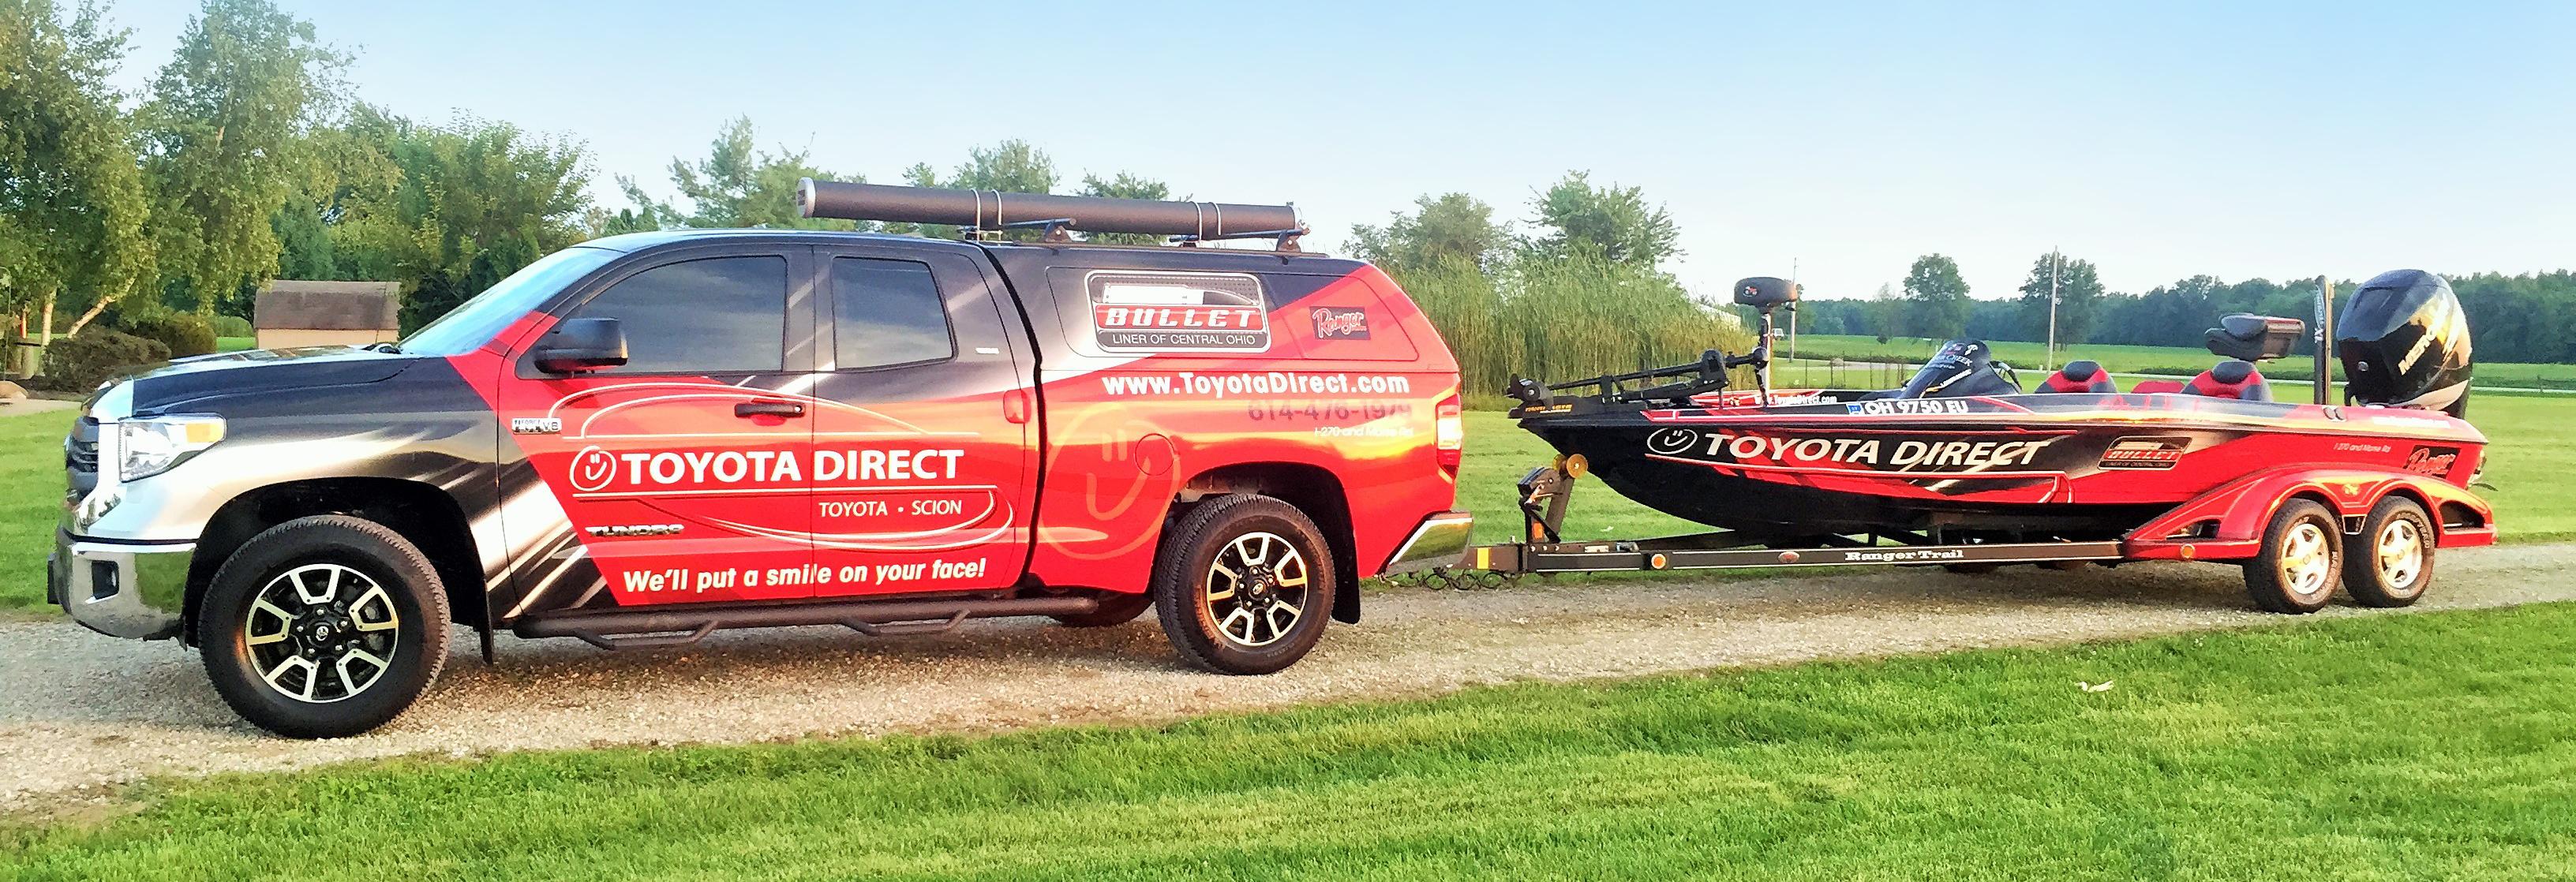 ToyotaDirect_TruckwithBoat